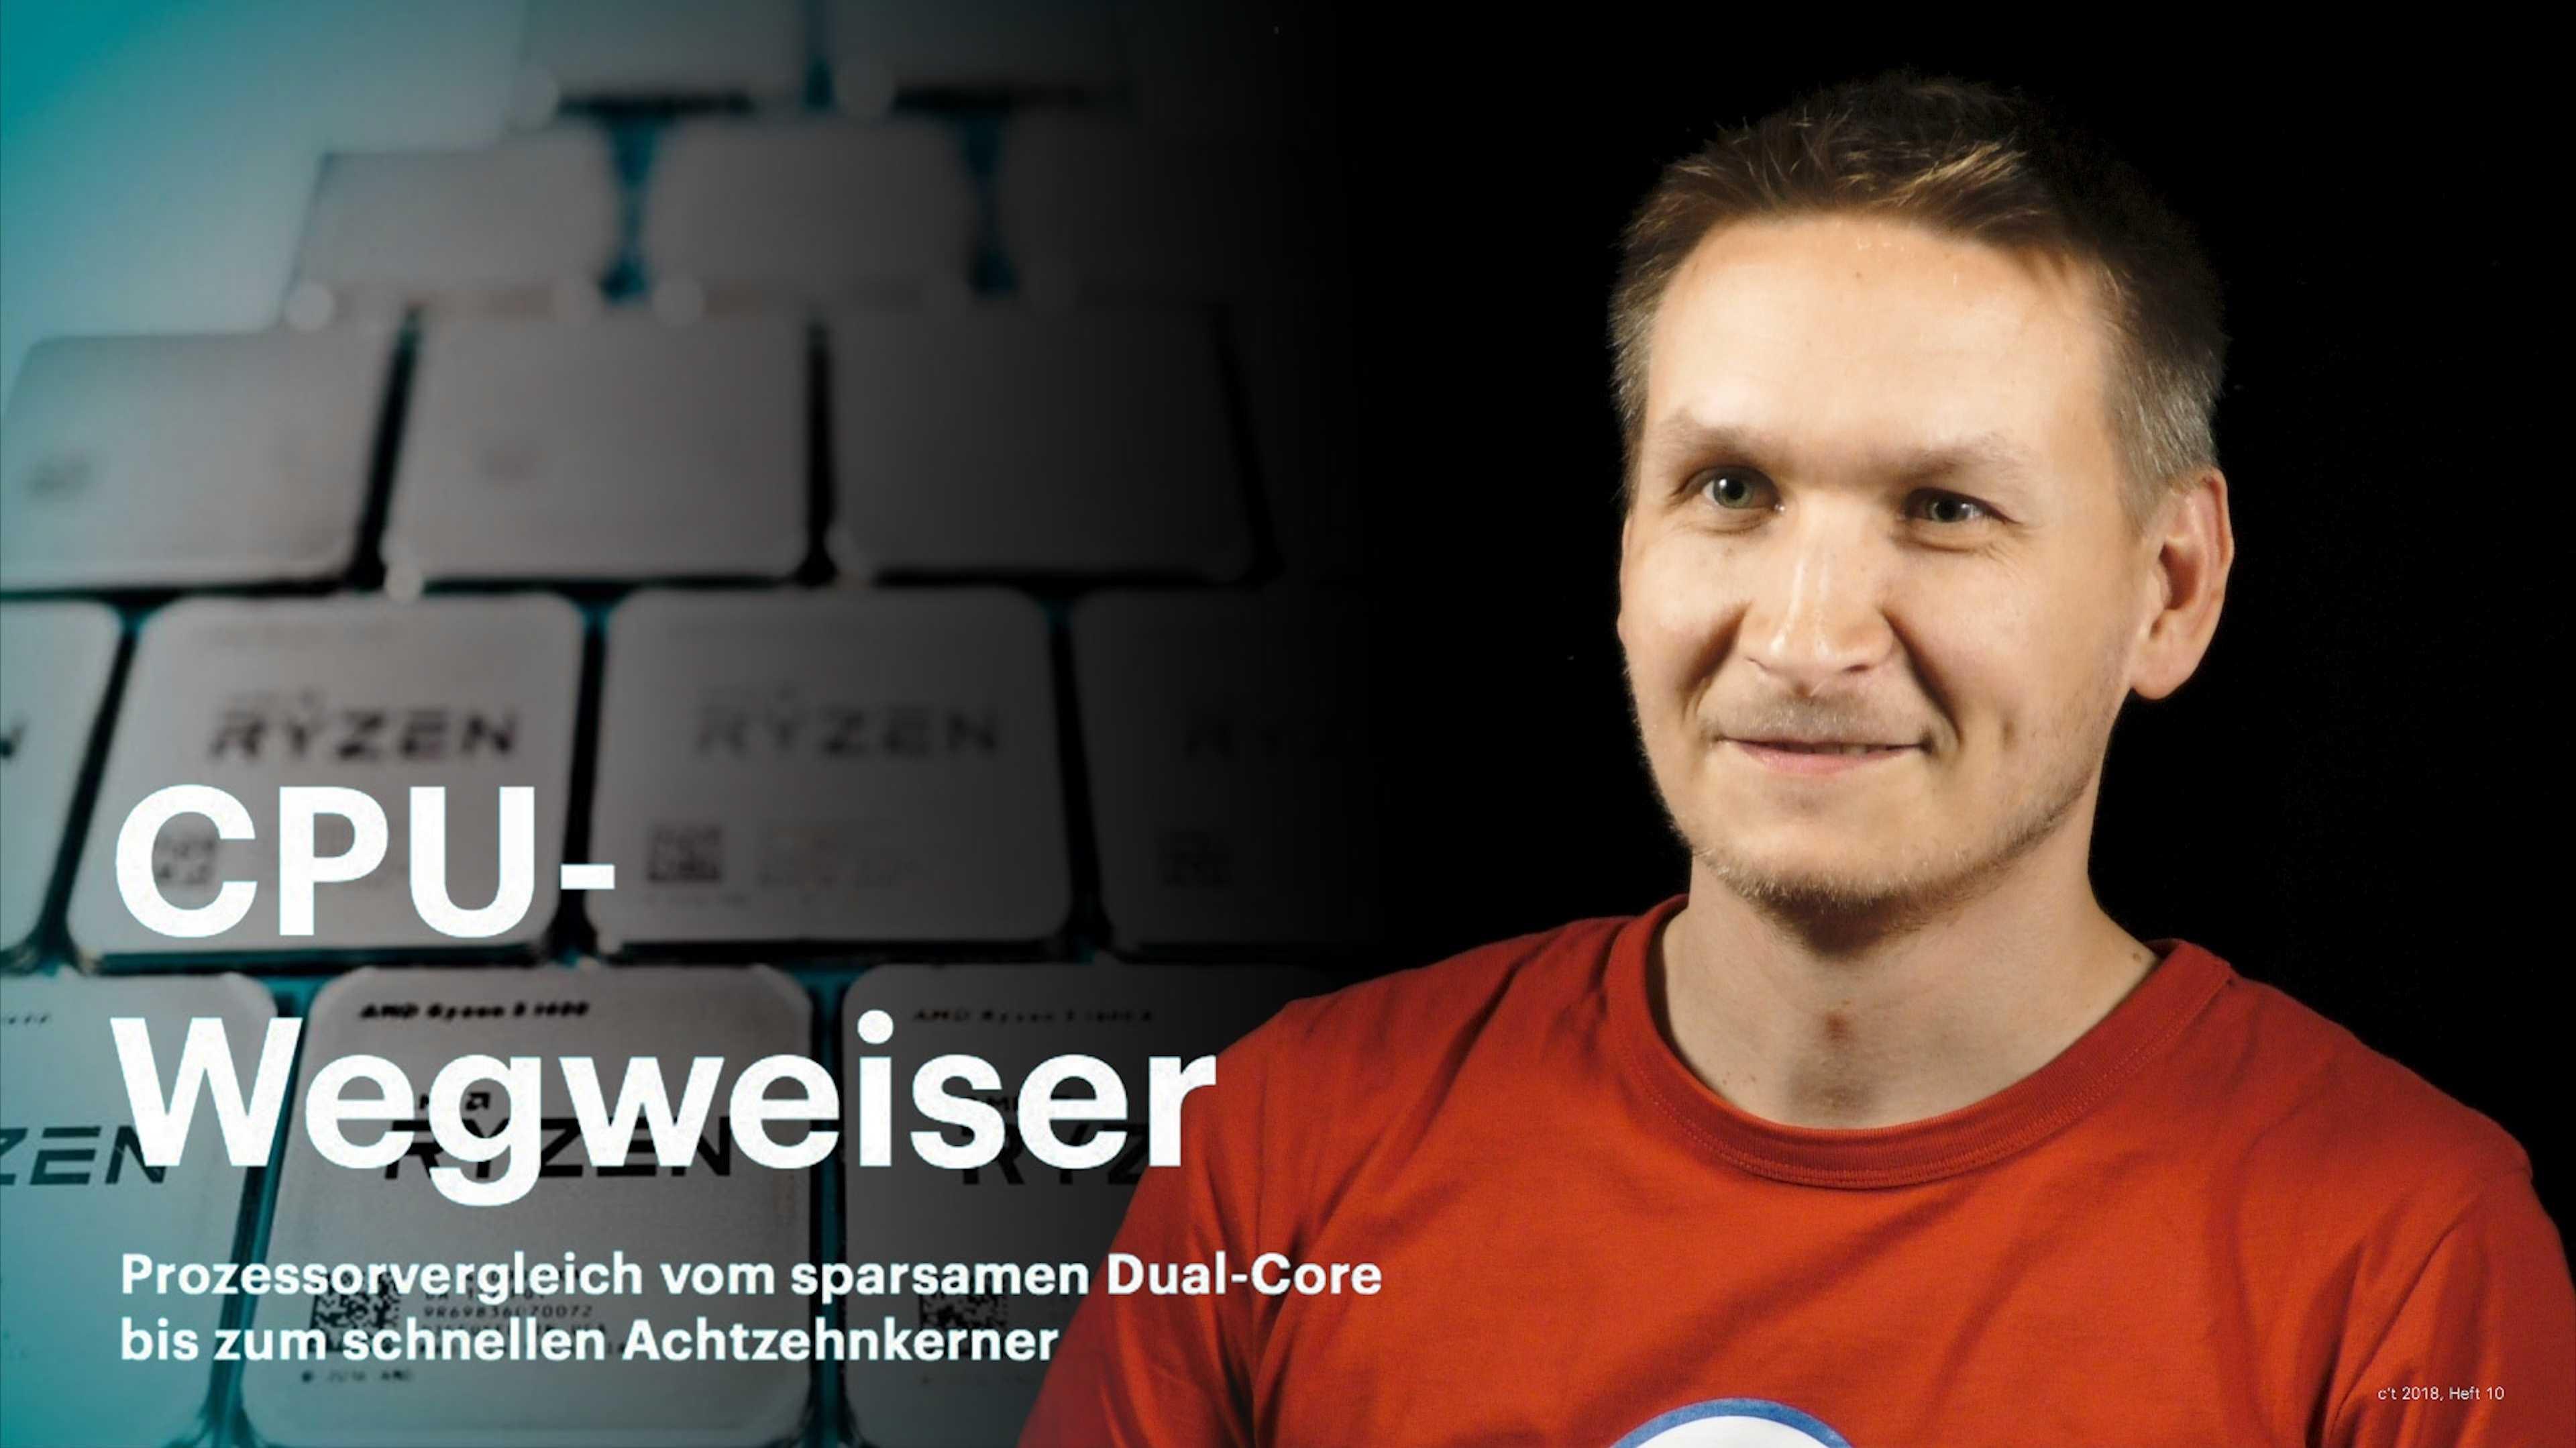 nachgehakt: CPU-Wegweiser